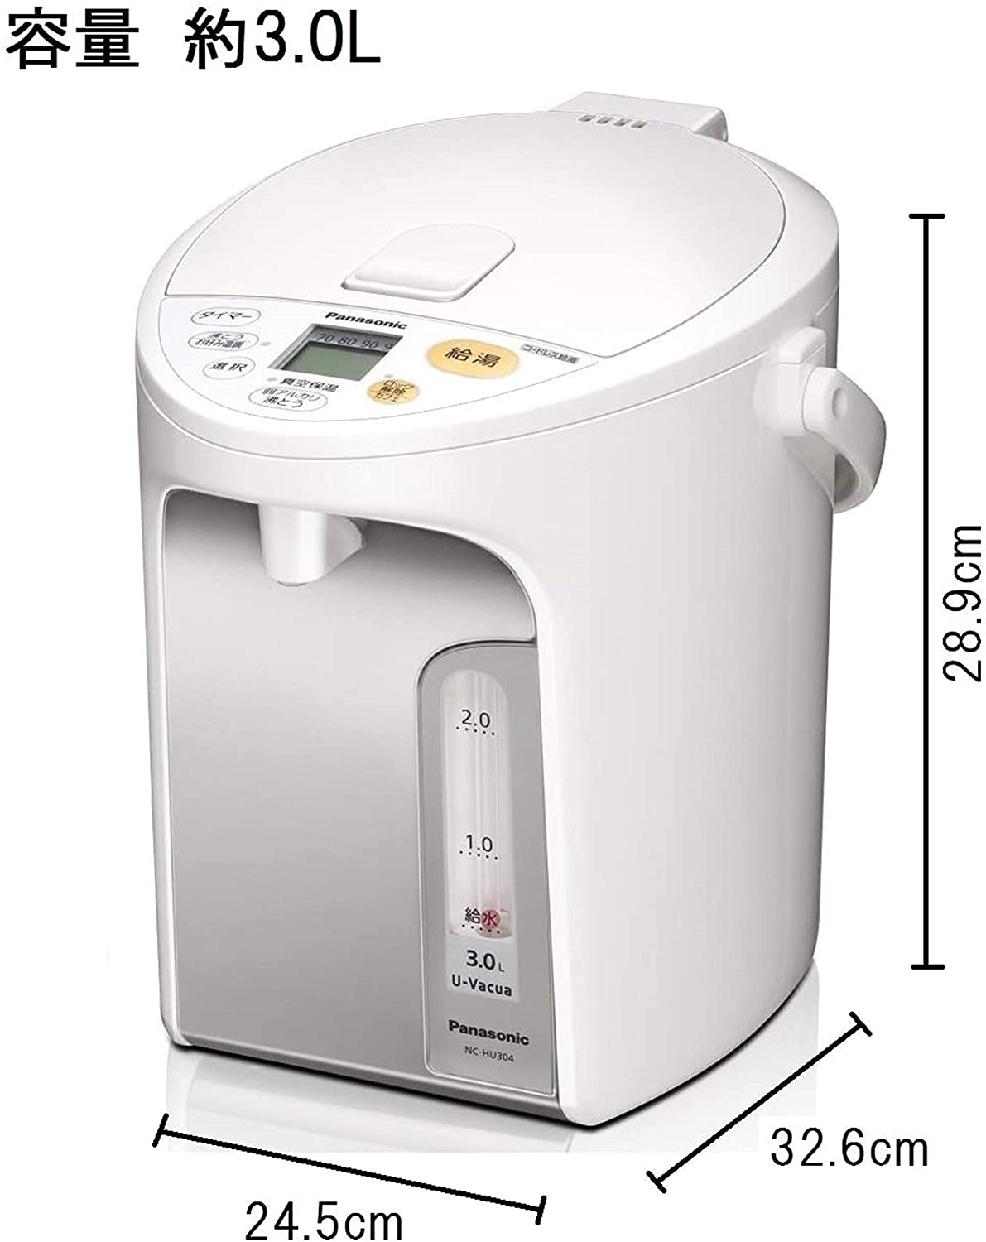 Panasonic(パナソニック)マイコン沸騰ジャーポット NC-HU304の商品画像6